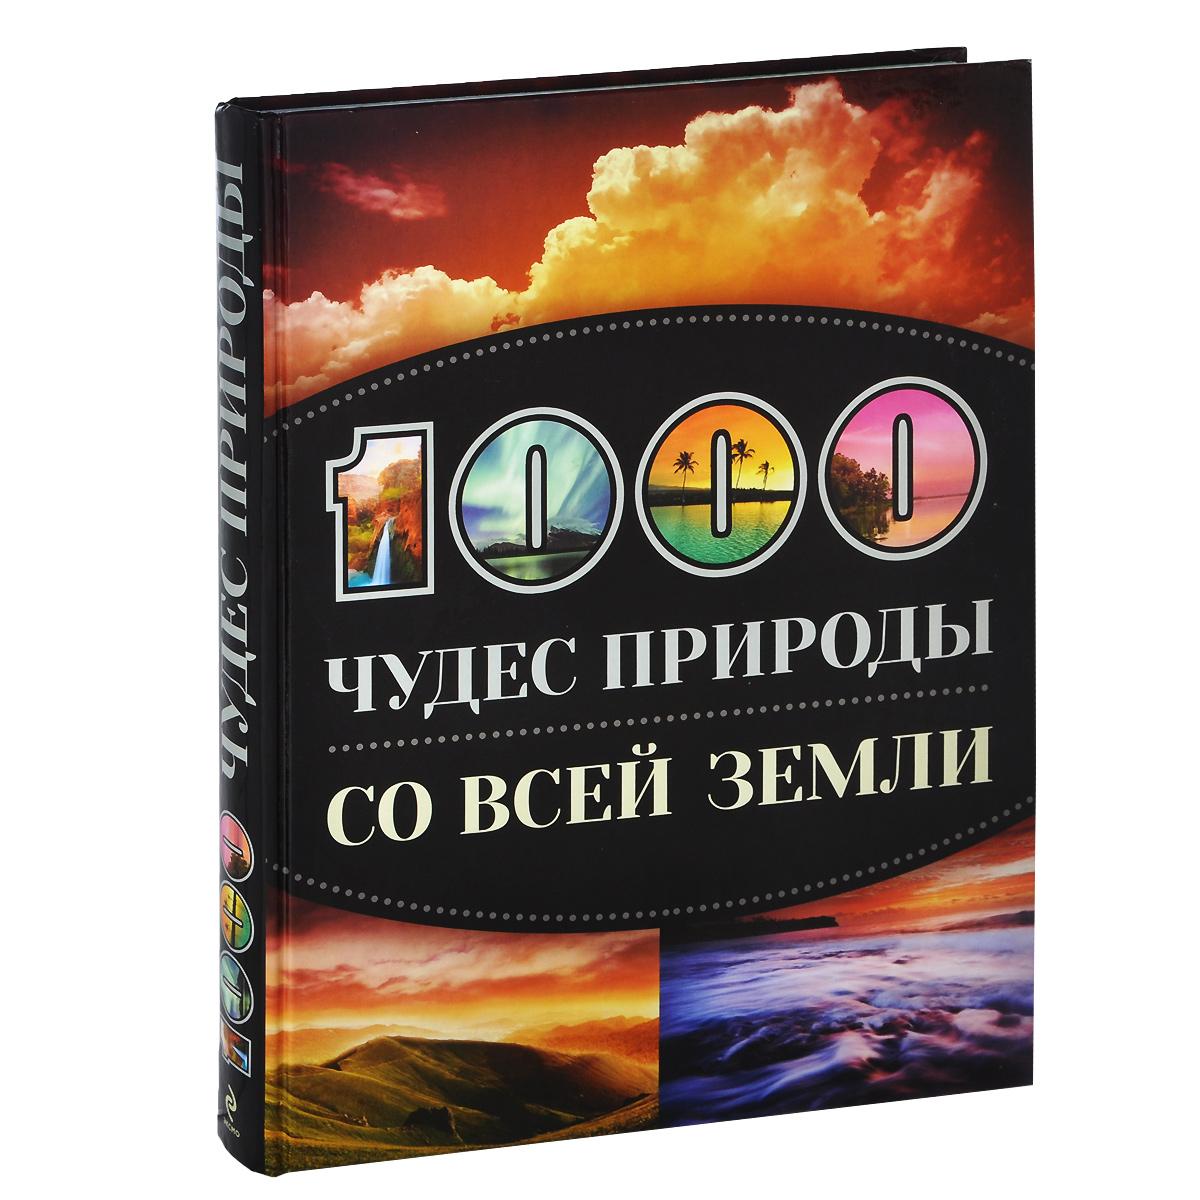 1000 чудес природы со всей Земли. Т. В. Кигим, О. И. Колобенина, Е. В. Утко